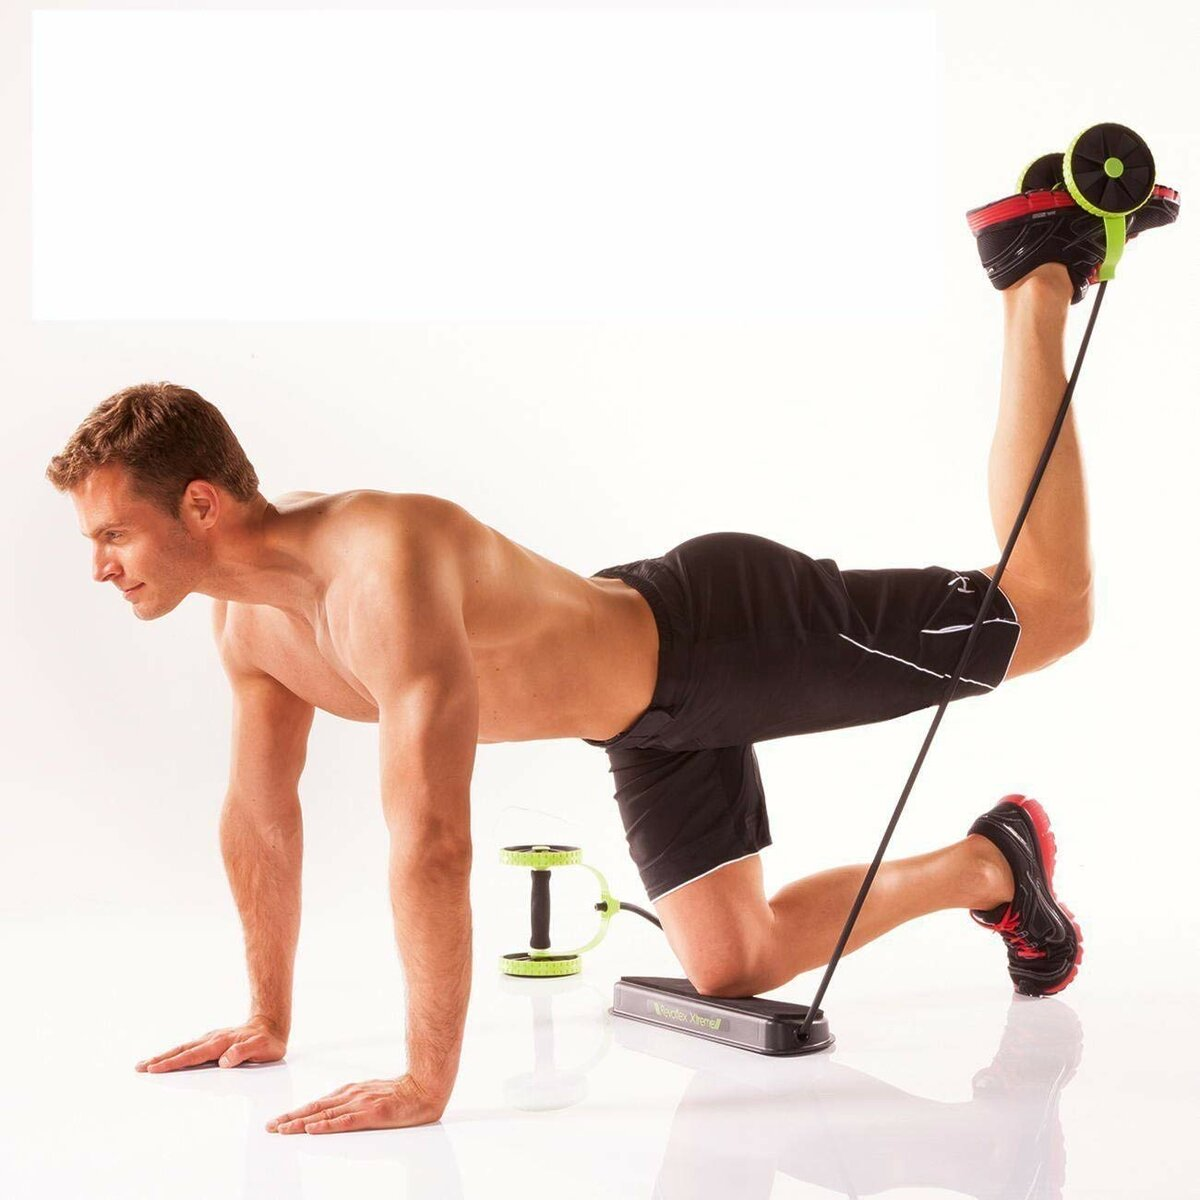 Тренажер топ фит упражнения в картинках